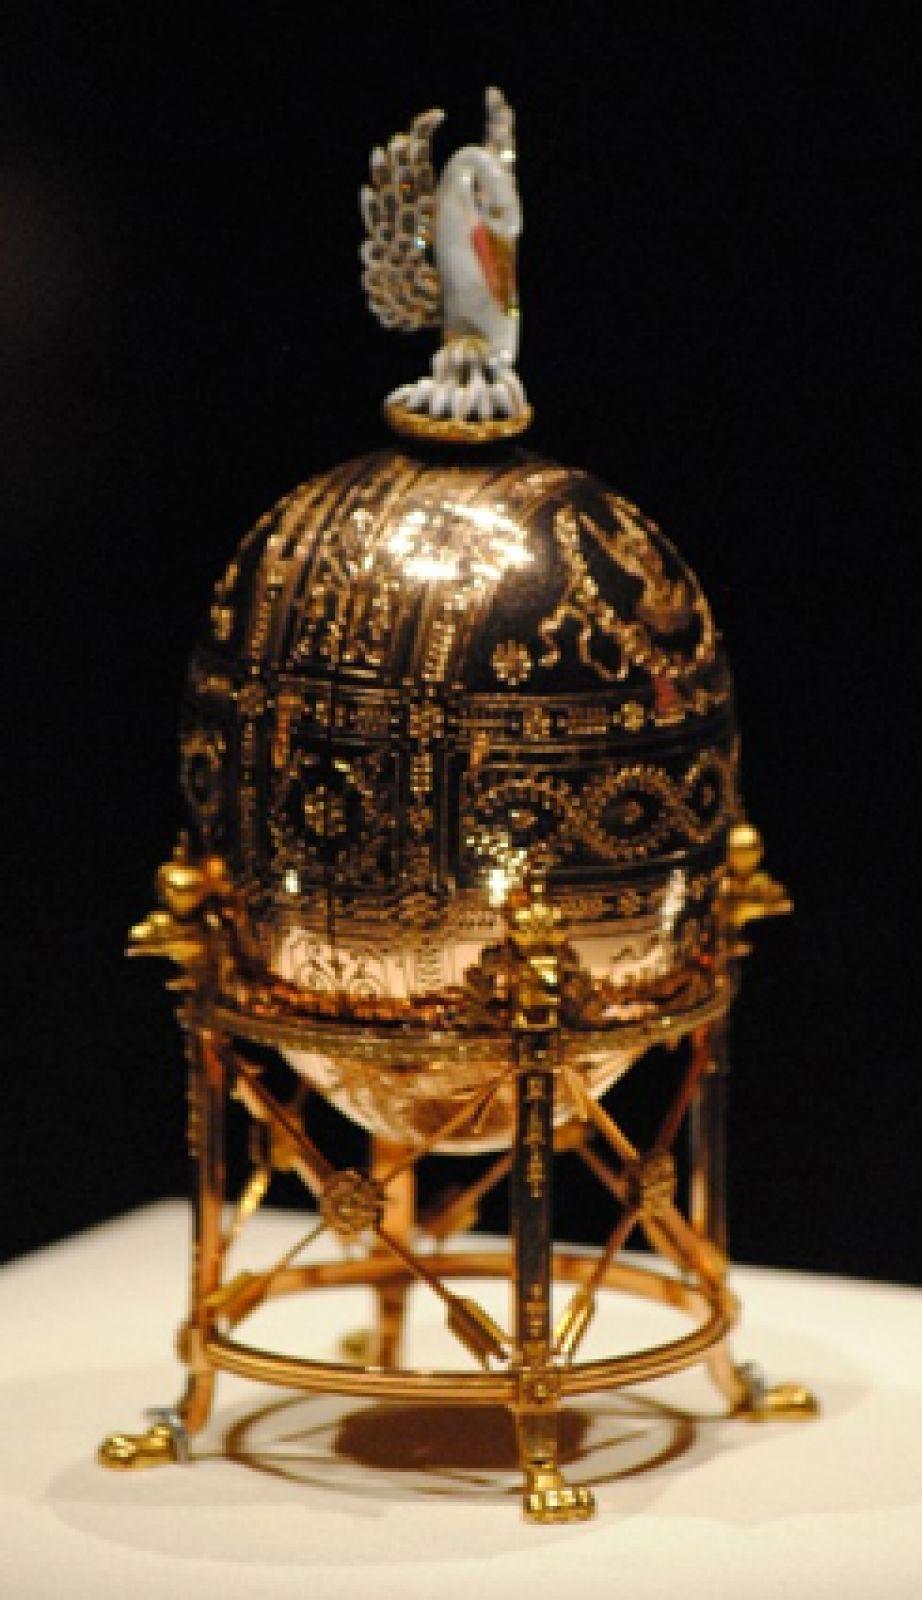 «Пеликан», 1898 год. Яйцо разворачивается на 8 пластин-миниатюр с учреждениями, основанными Вдовой Императрицей Марией Фёдоровной. Пеликан — символ благотворительности.